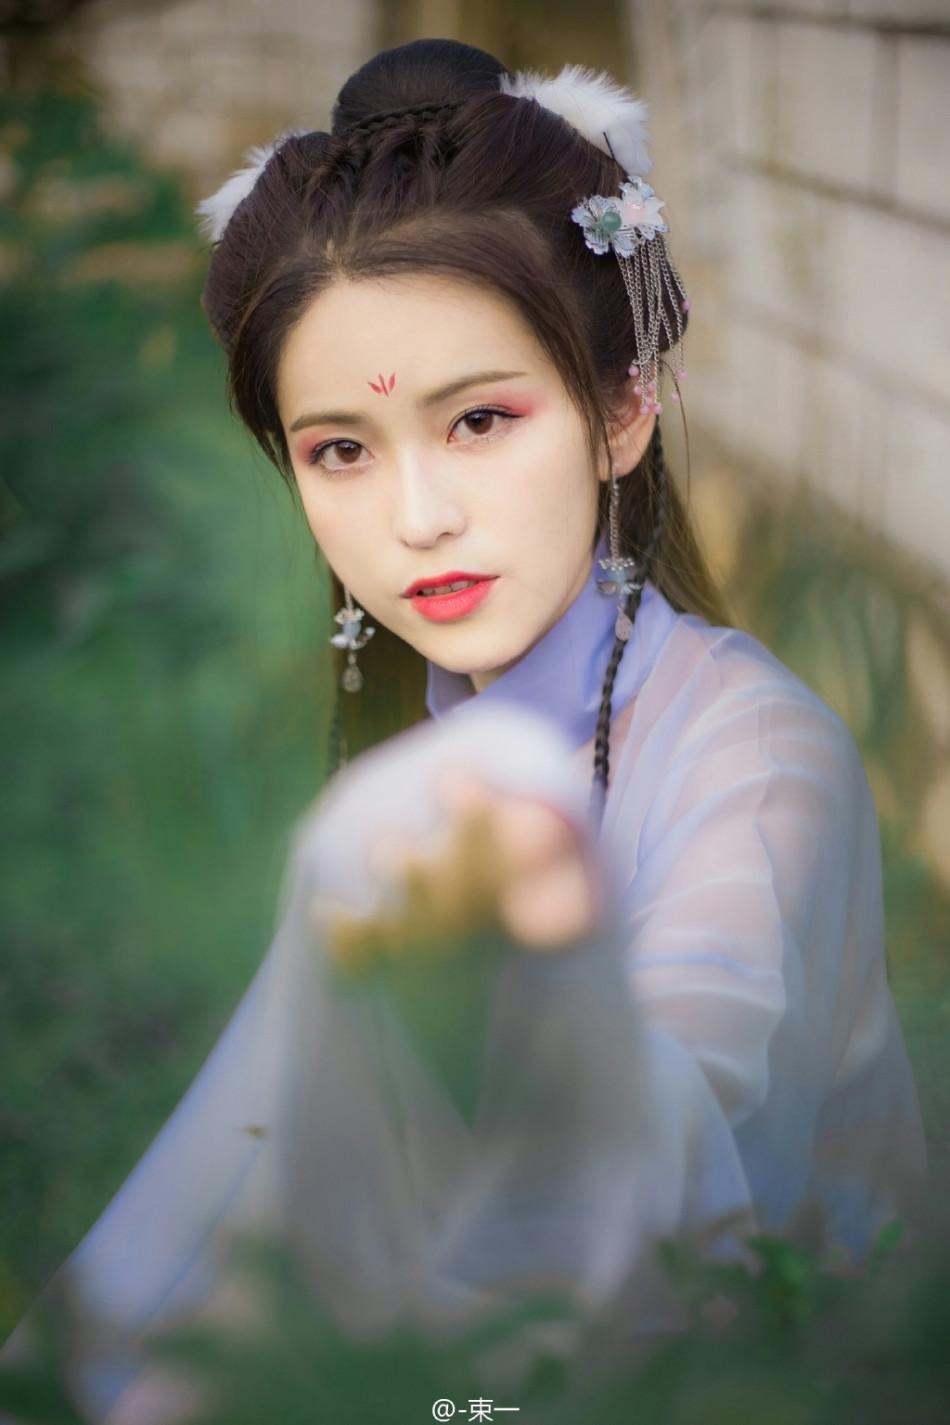 就读于南京林业大学的束一在微博晒出清新唯美写真,清新指数直爆表